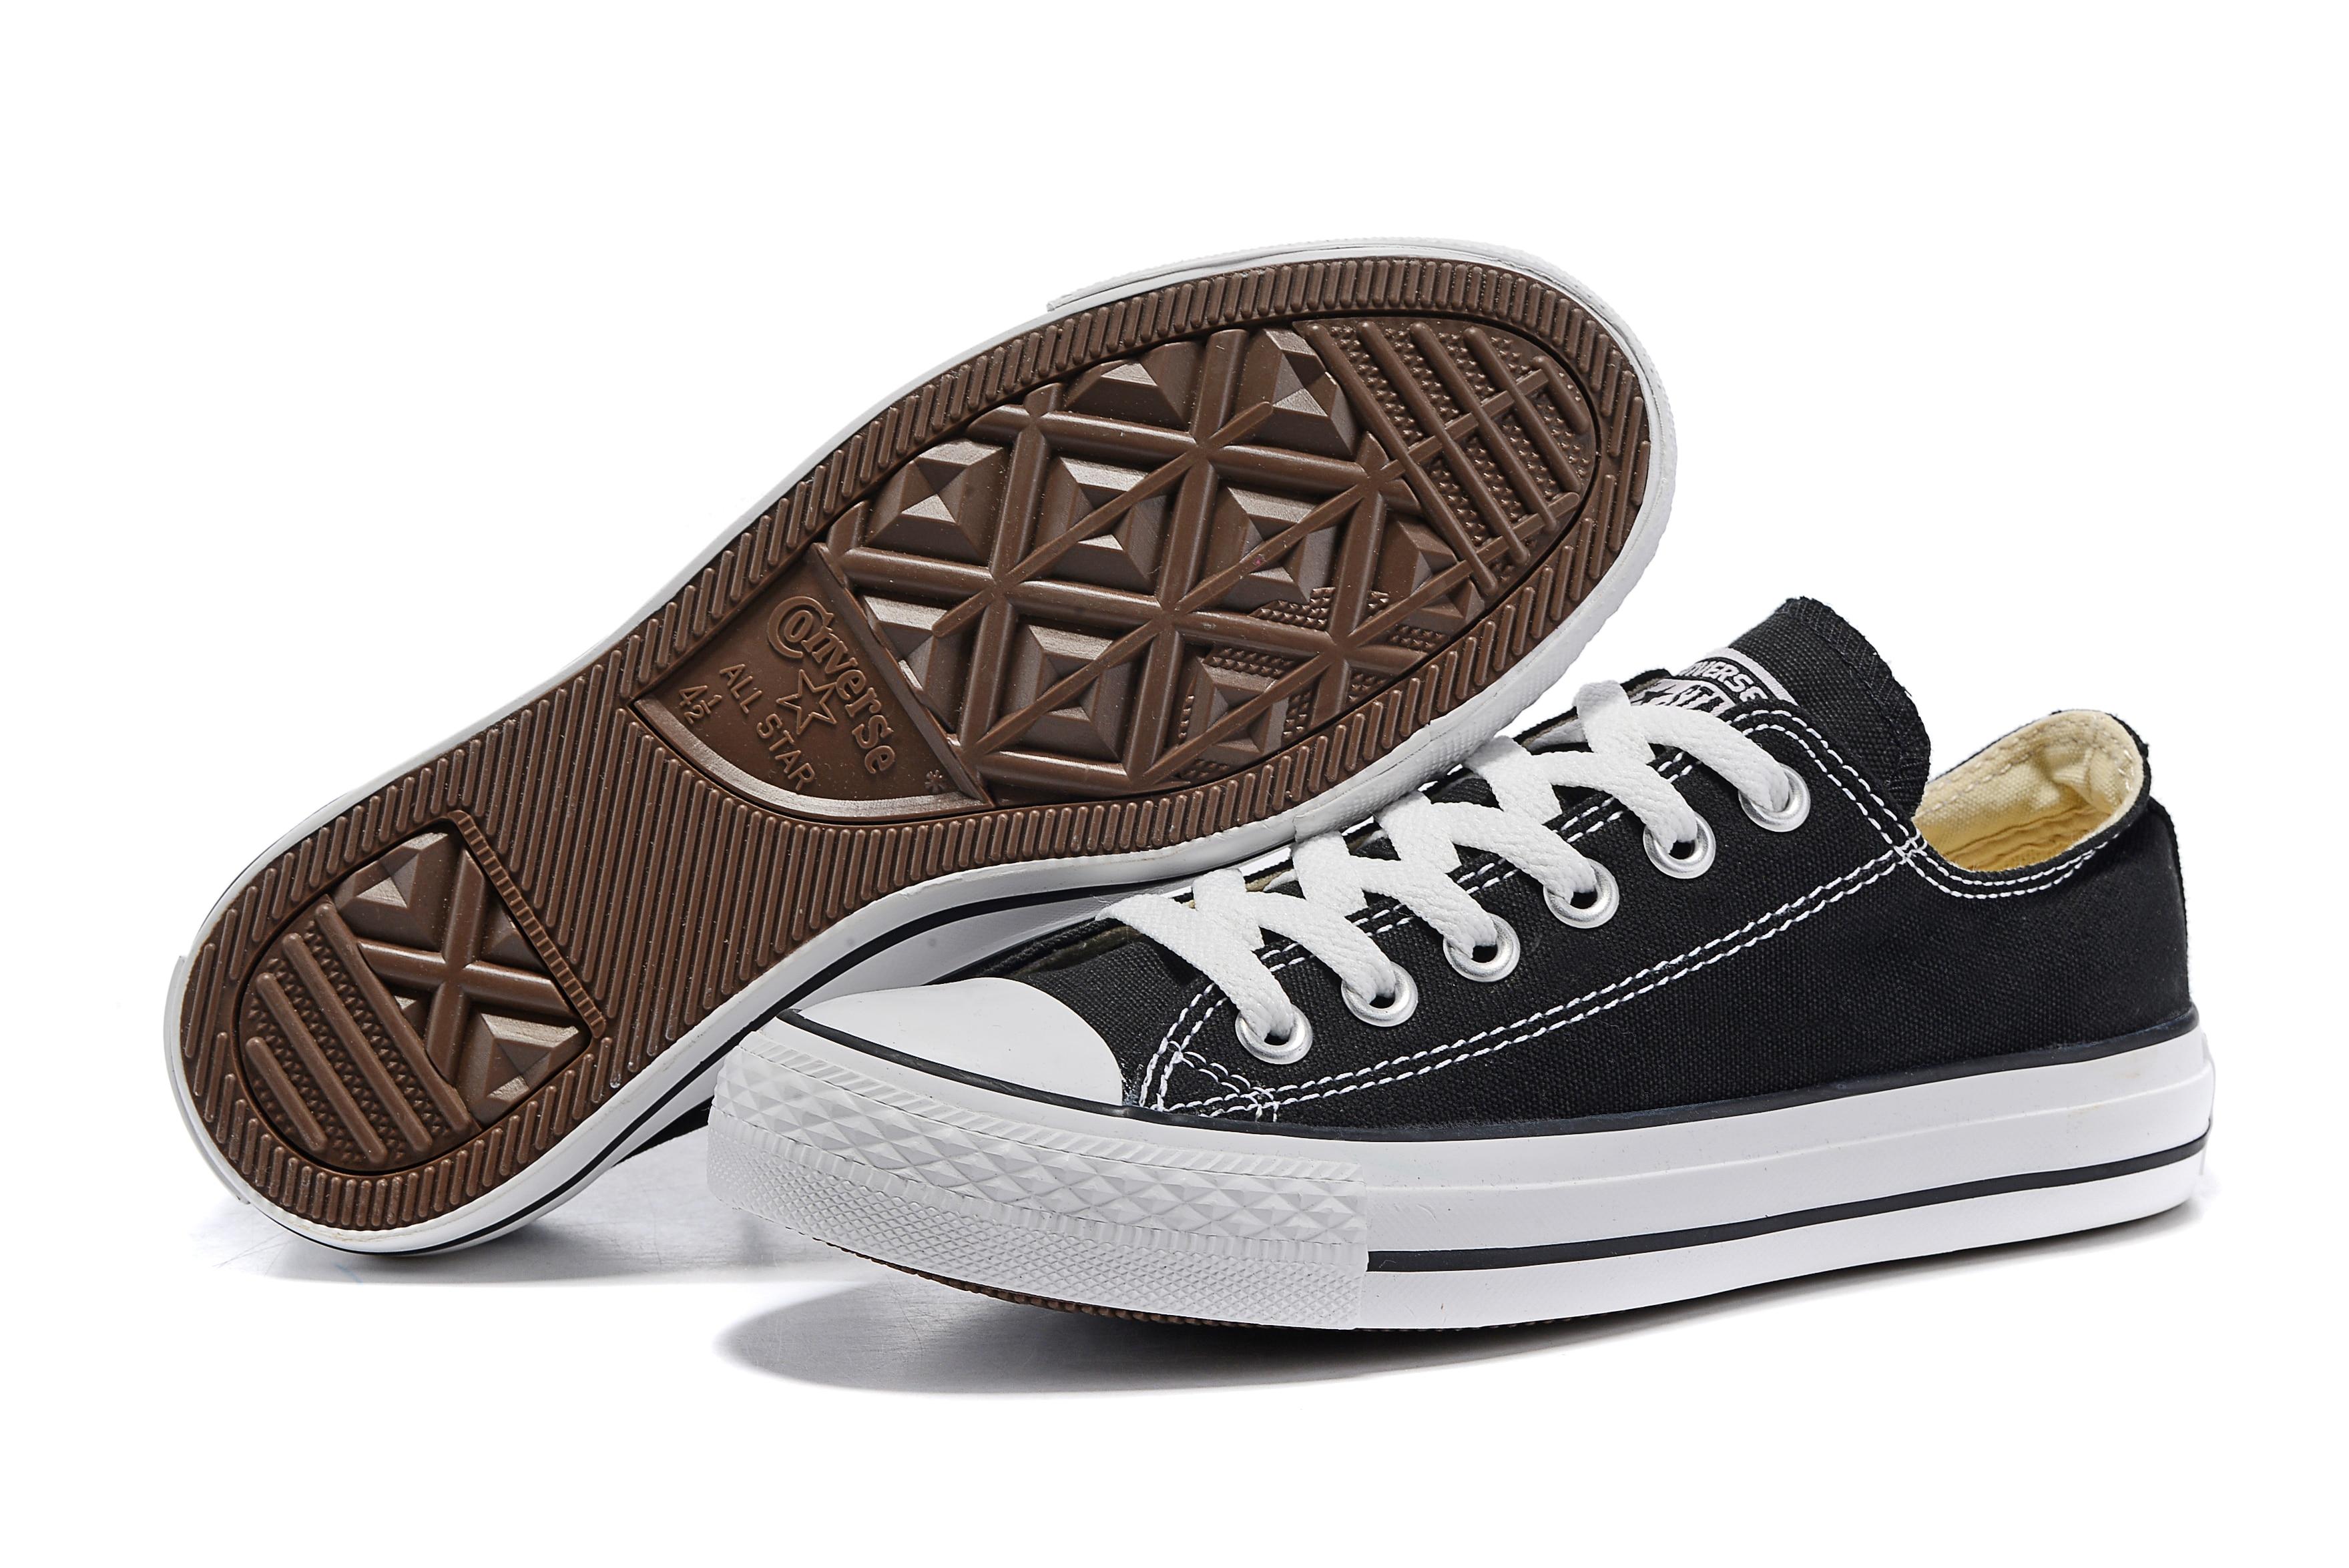 Converse all star Классическая парусиновая обувь мужские и женские кроссовки низкая обувь для скейтбординга|Катание на скейтборде|   | АлиЭкспресс